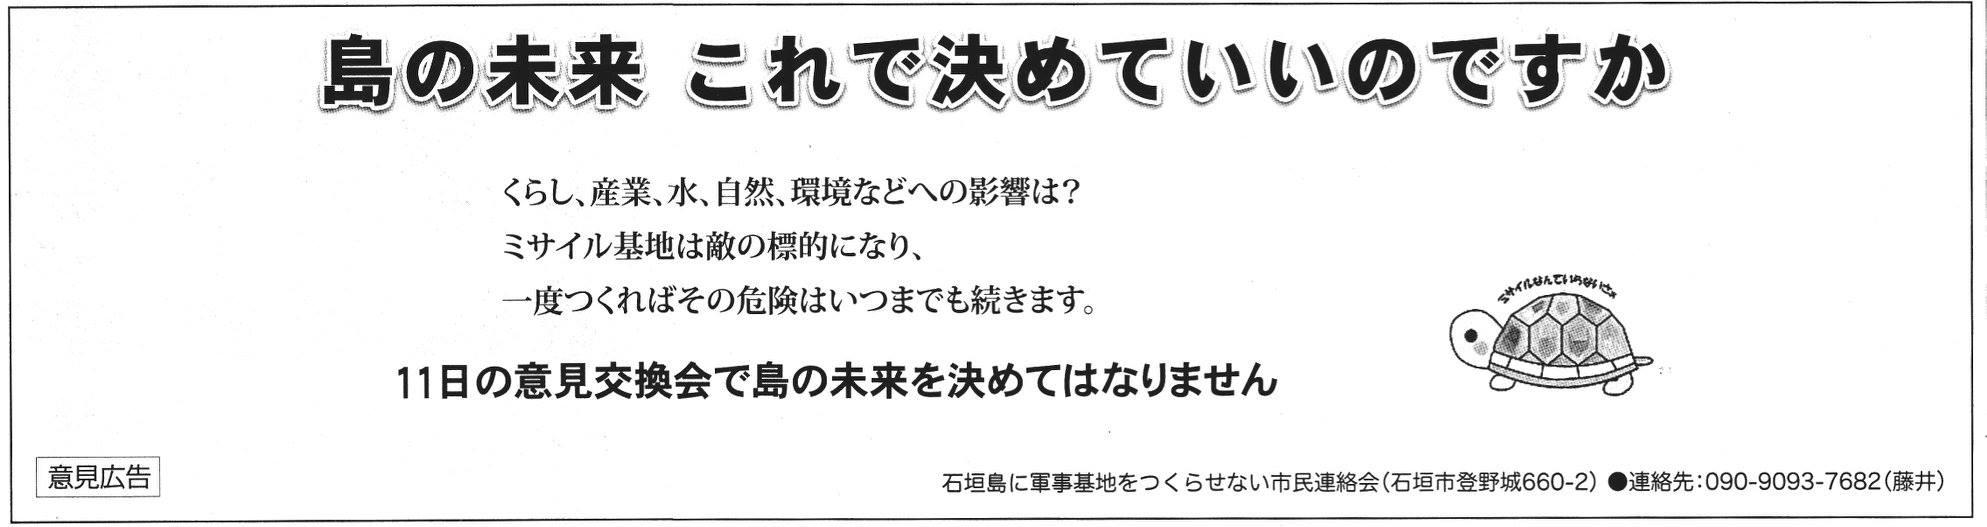 yae2018 0613意見広告